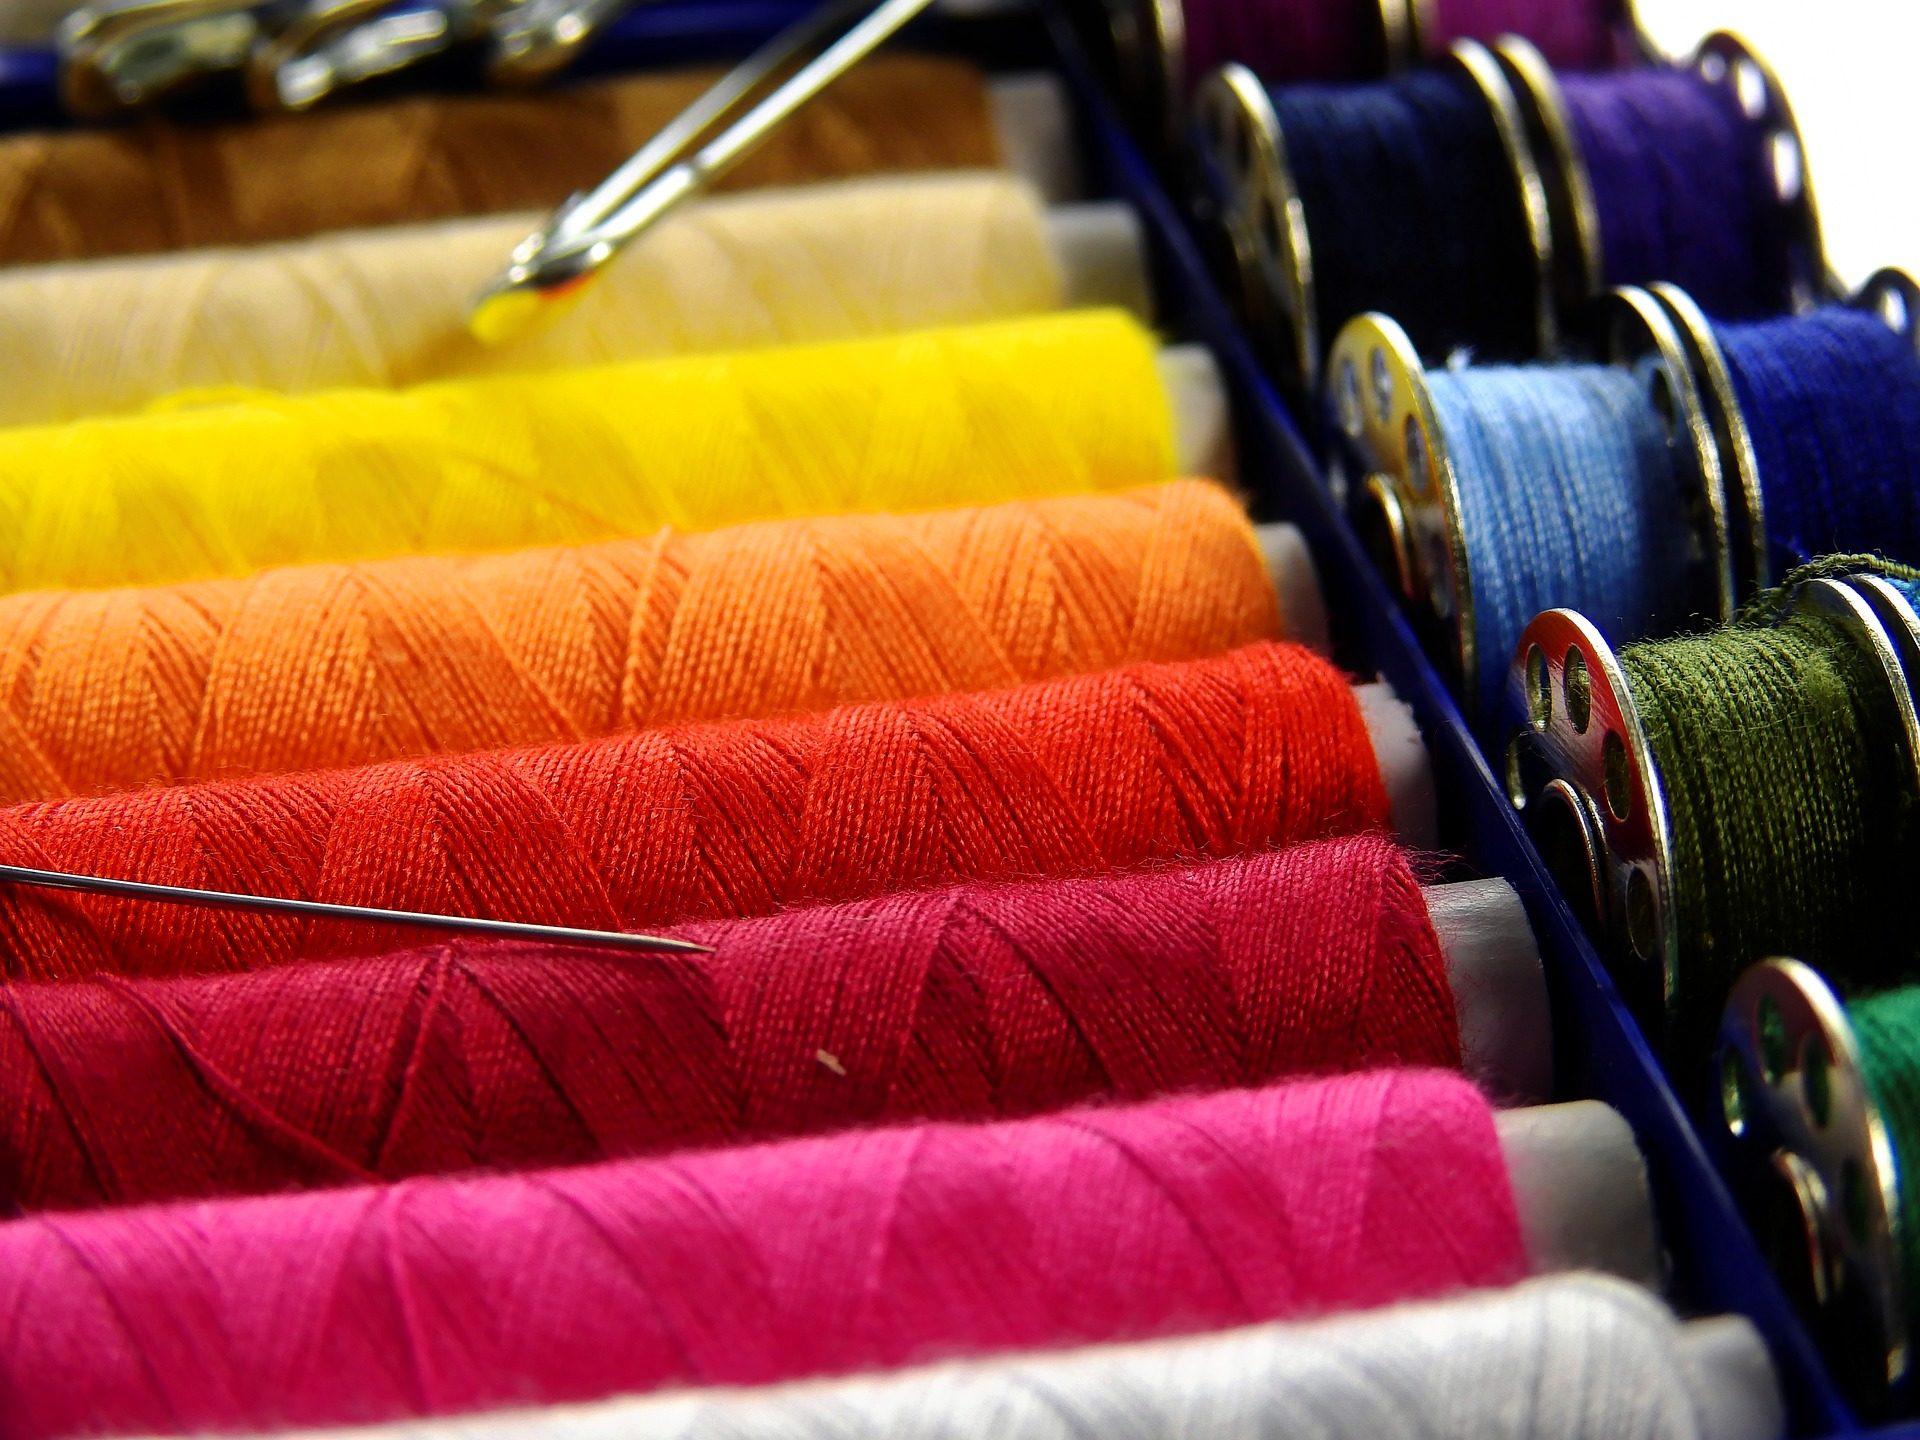 Fäden, Farben, Nadeln, CANILLAS, costura, Nähen - Wallpaper HD - Prof.-falken.com